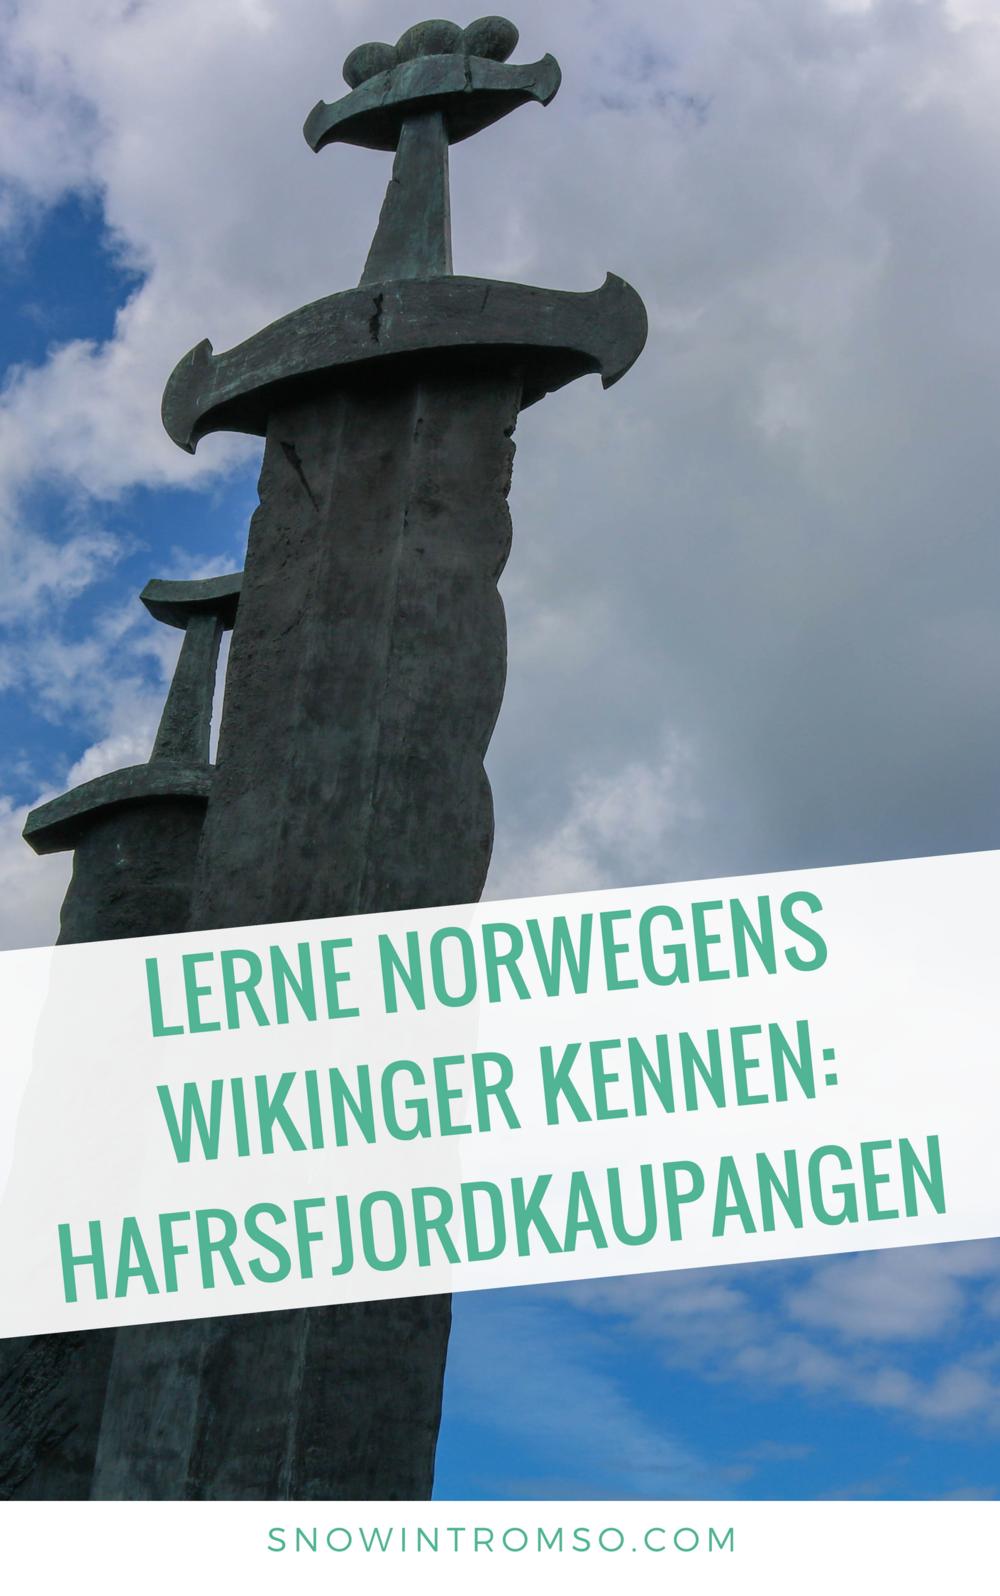 Folgt mir auf dem Wikingermarkt am Hafrsfjord in Stavanger, Norwegen, um zu sehen, wie die echten Wikinger so drauf waren!